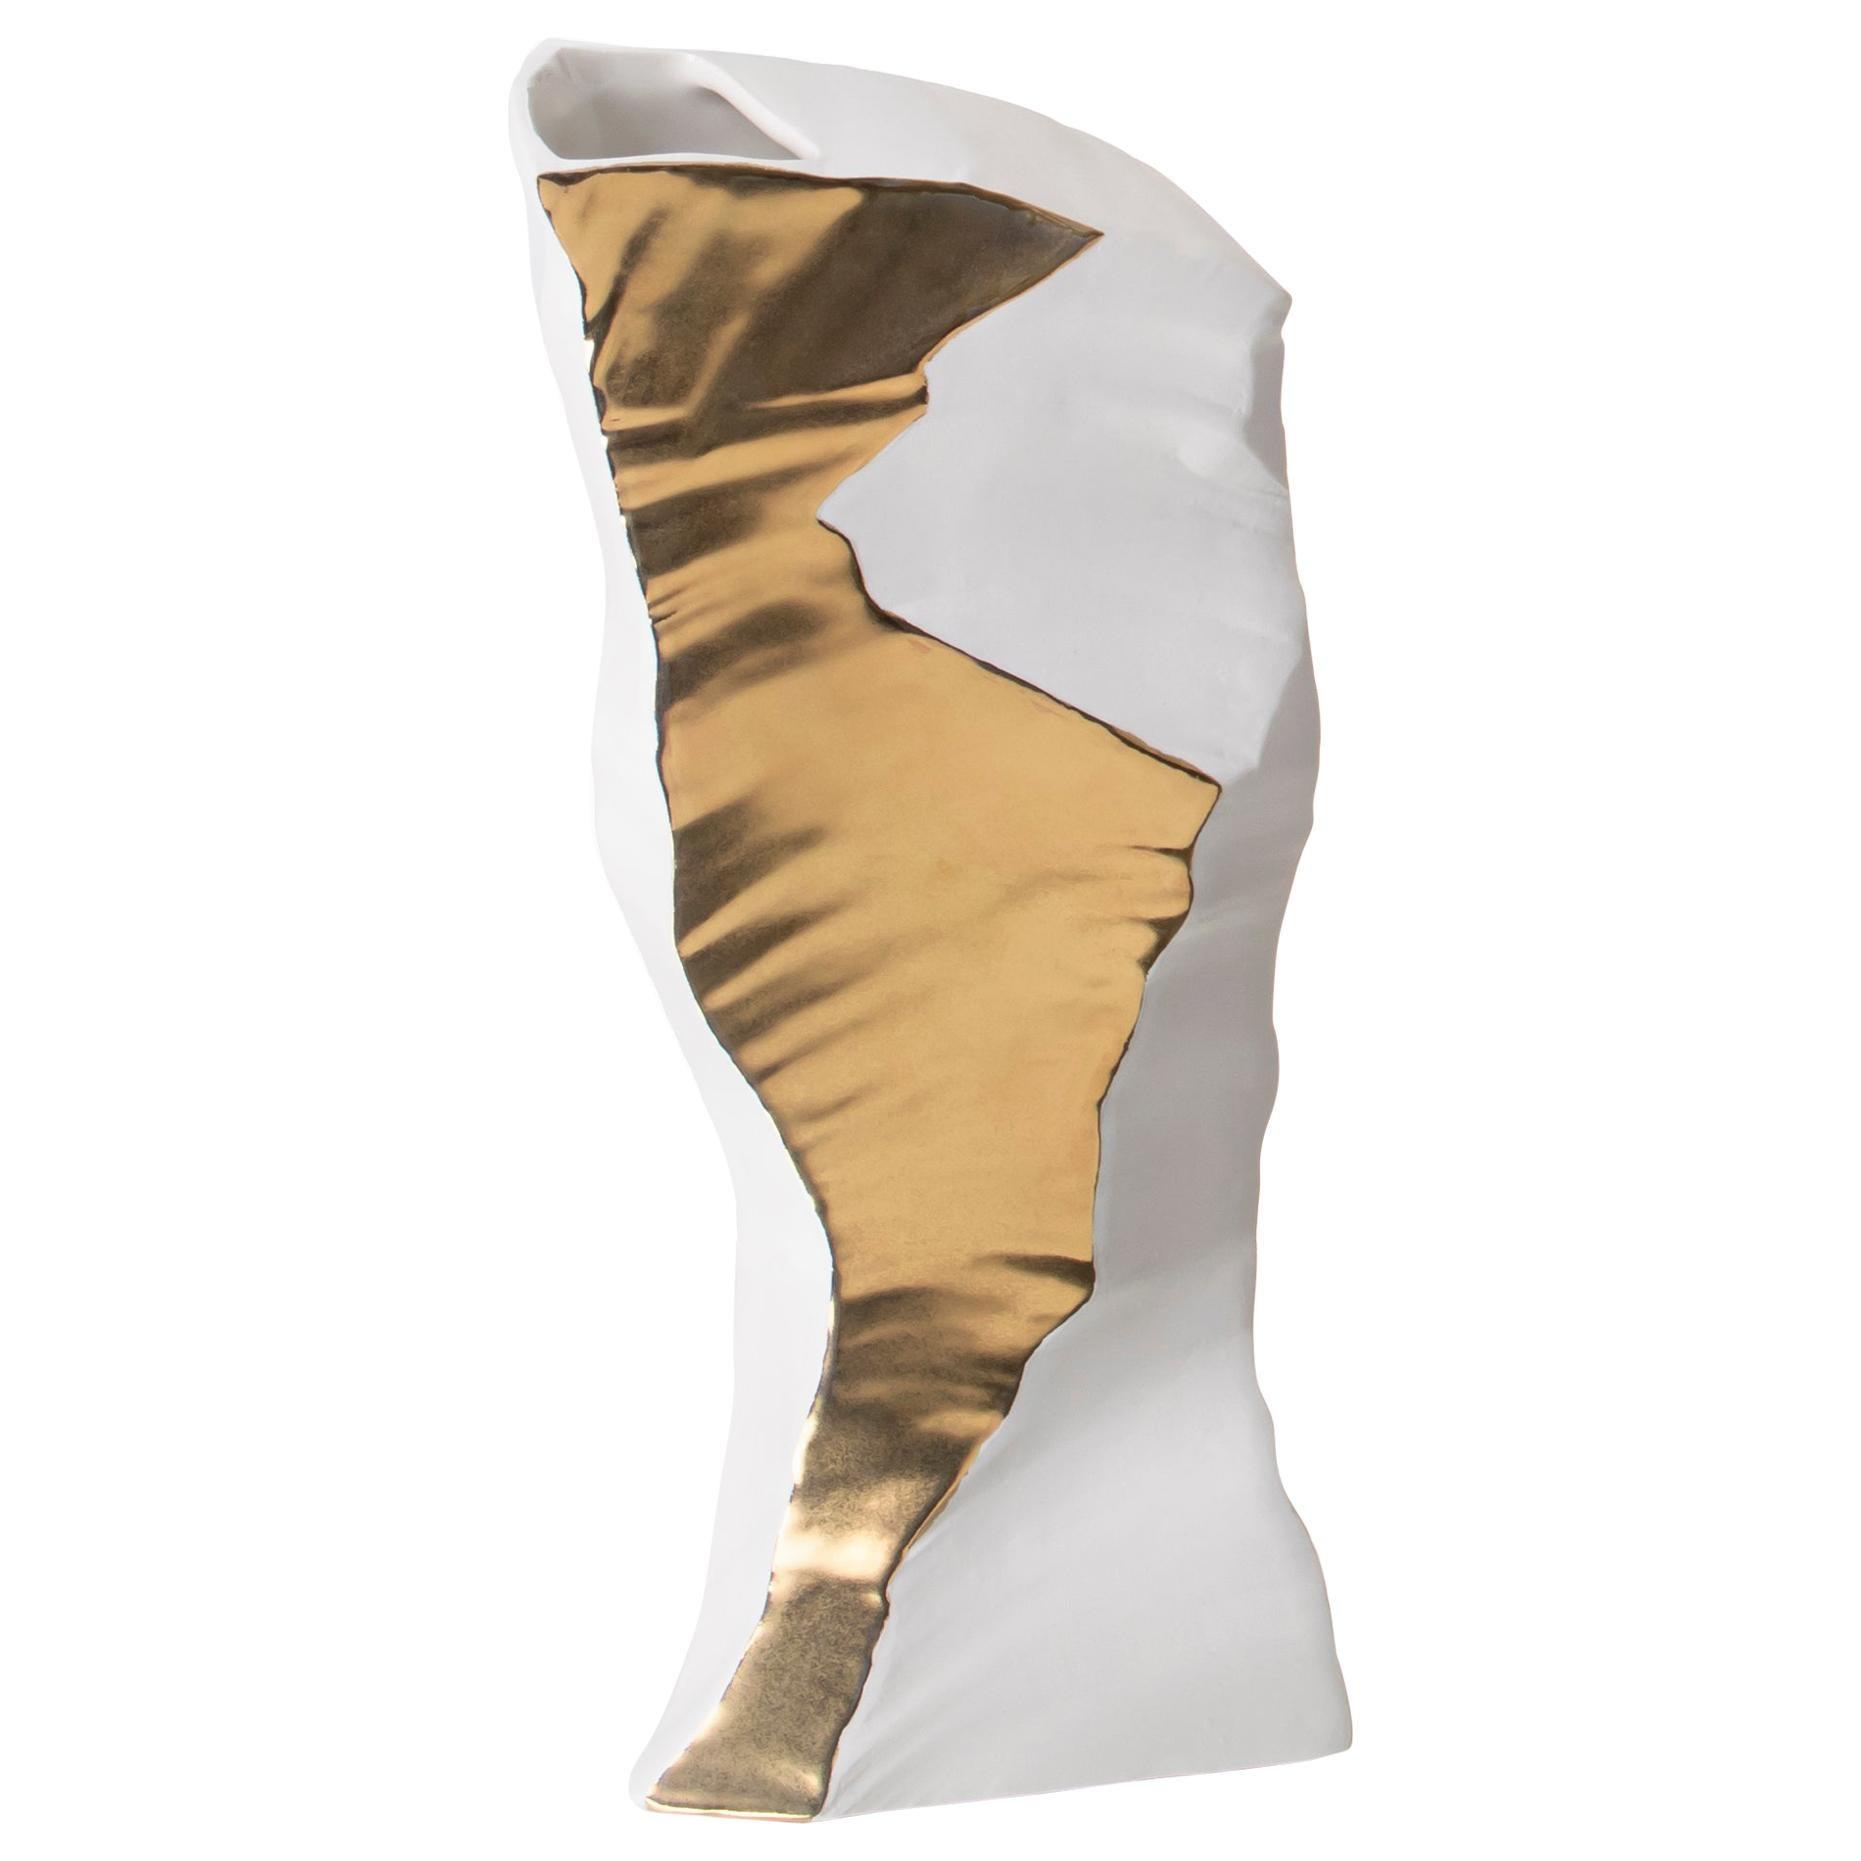 Contemporary Porcelain Medium Vase Gold Iceberg White Ceramic Italy Fos